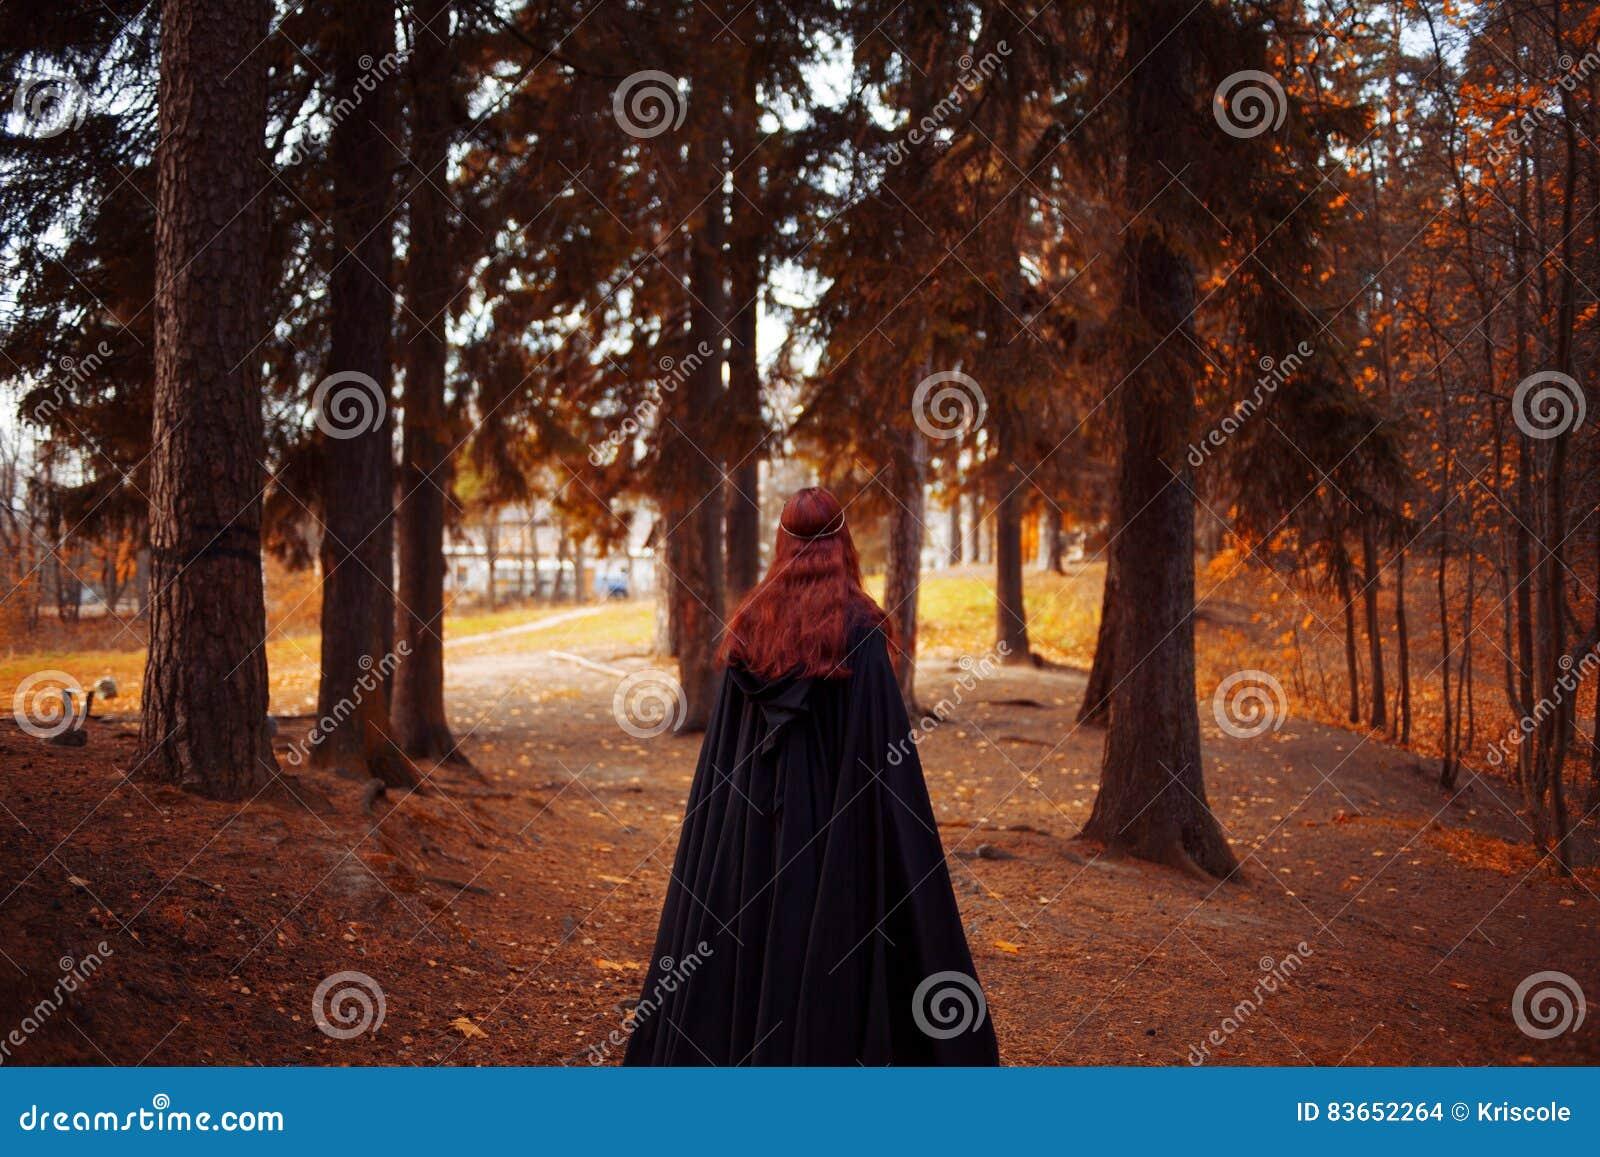 Junge schöne und mysteriöse Frau im Holz, im schwarzen Mantel mit Haube, im Bild der Waldelfe oder in der Hexe, hinter